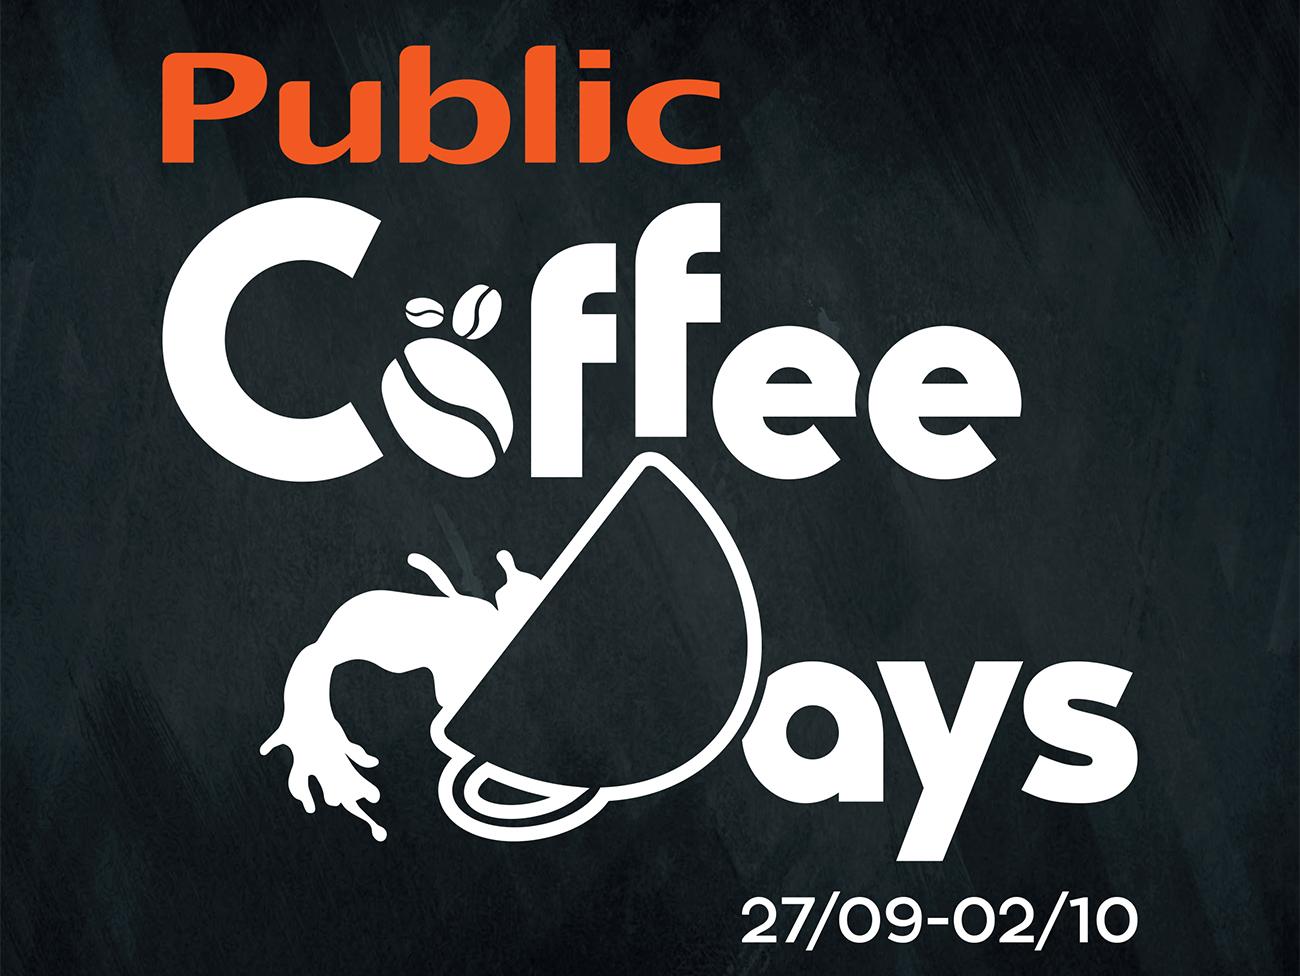 Public Coffee Days: Το Public γιορτάζει την Παγκόσμια Ημέρα Καφέ